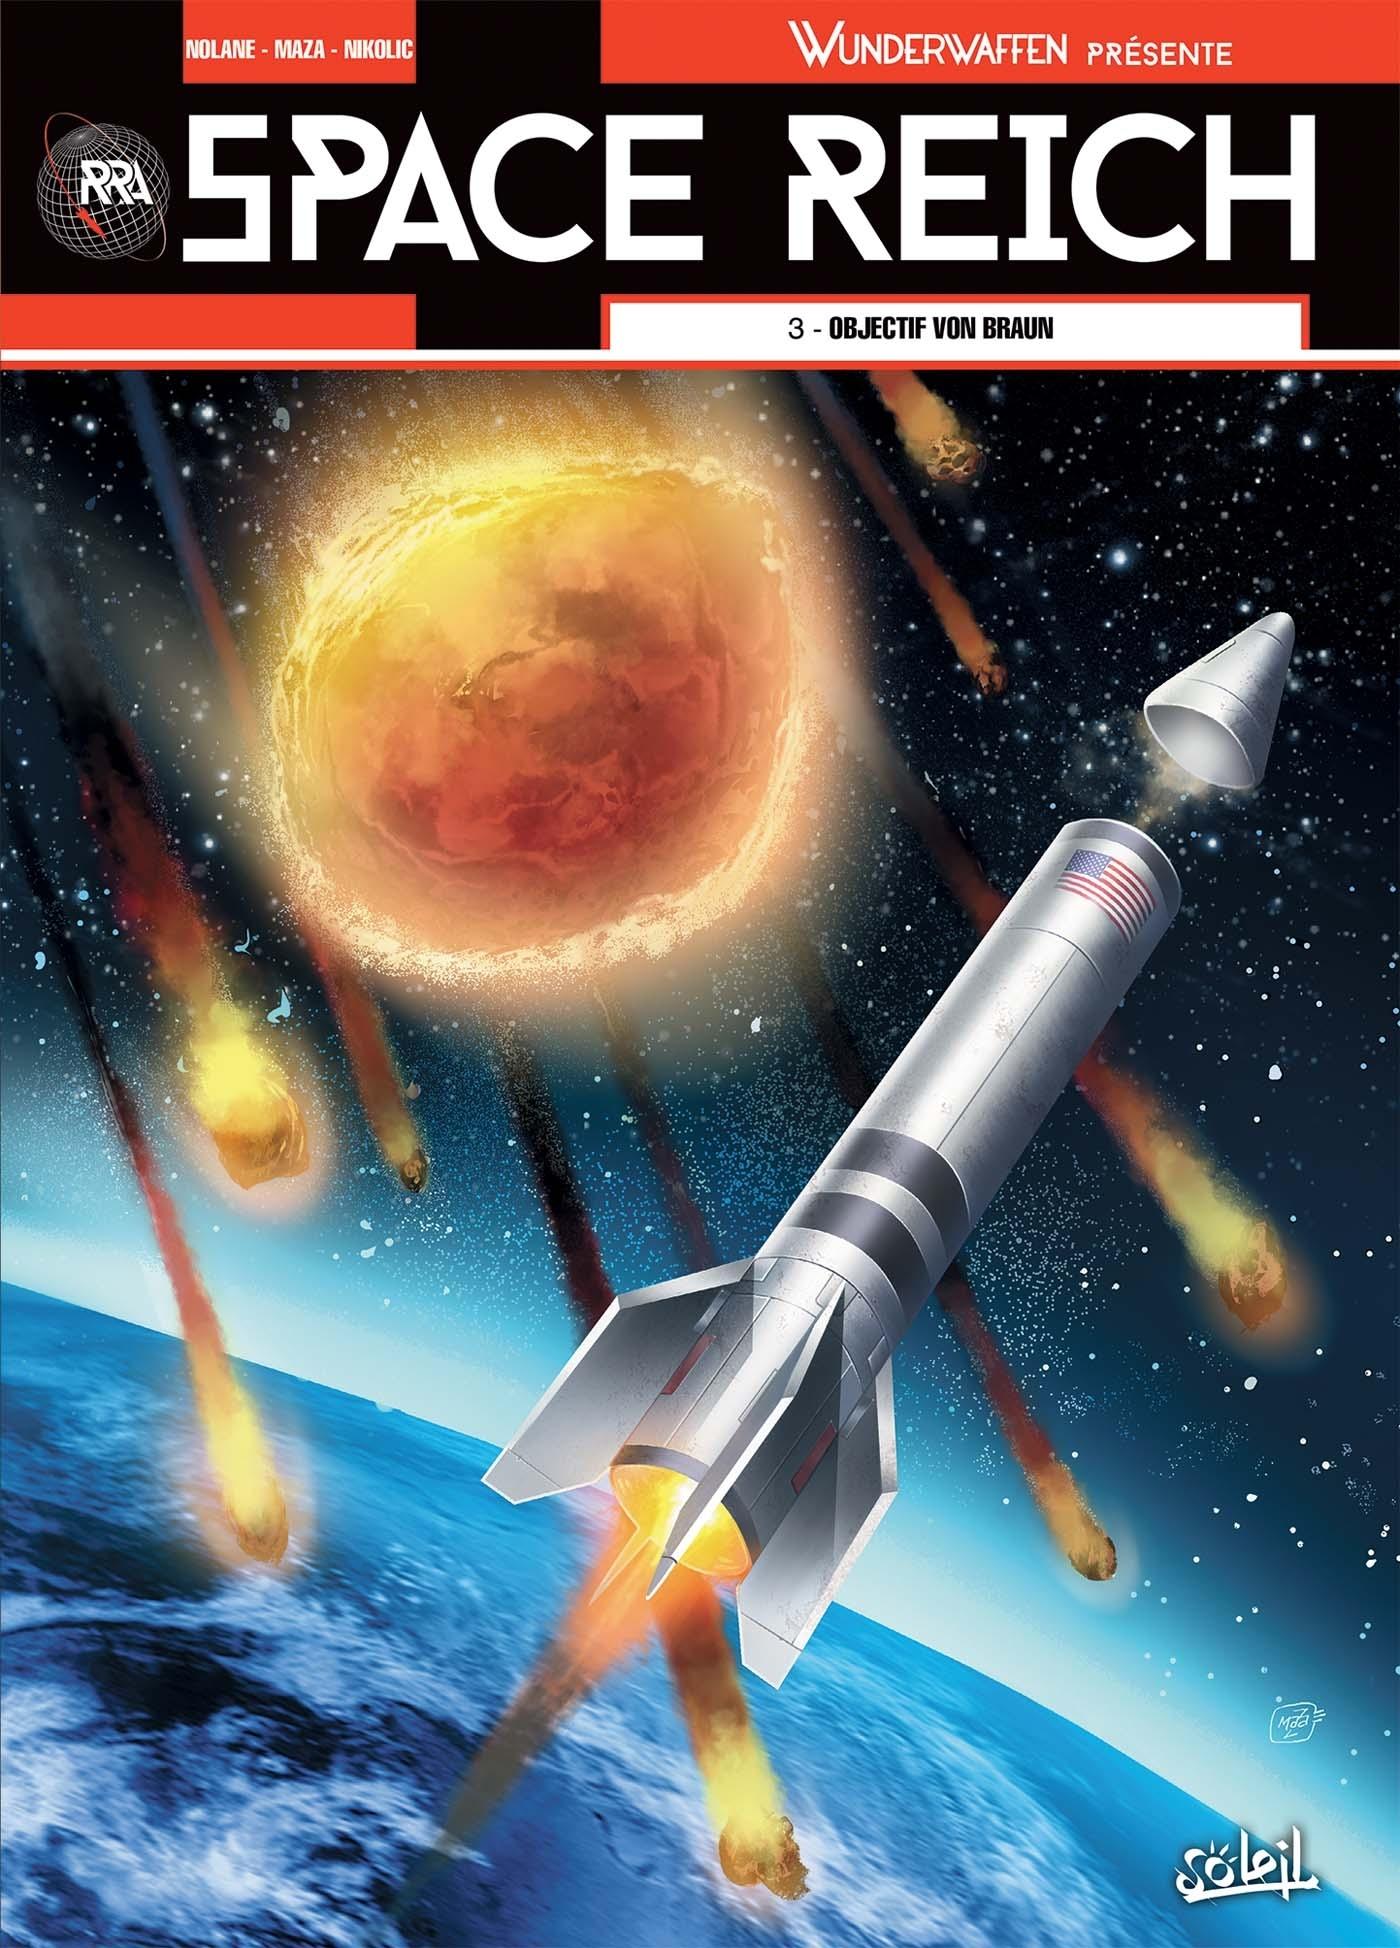 WUNDERWAFFEN PRESENTE SPACE REICH T03 - OBJECTIF VON BRAUN